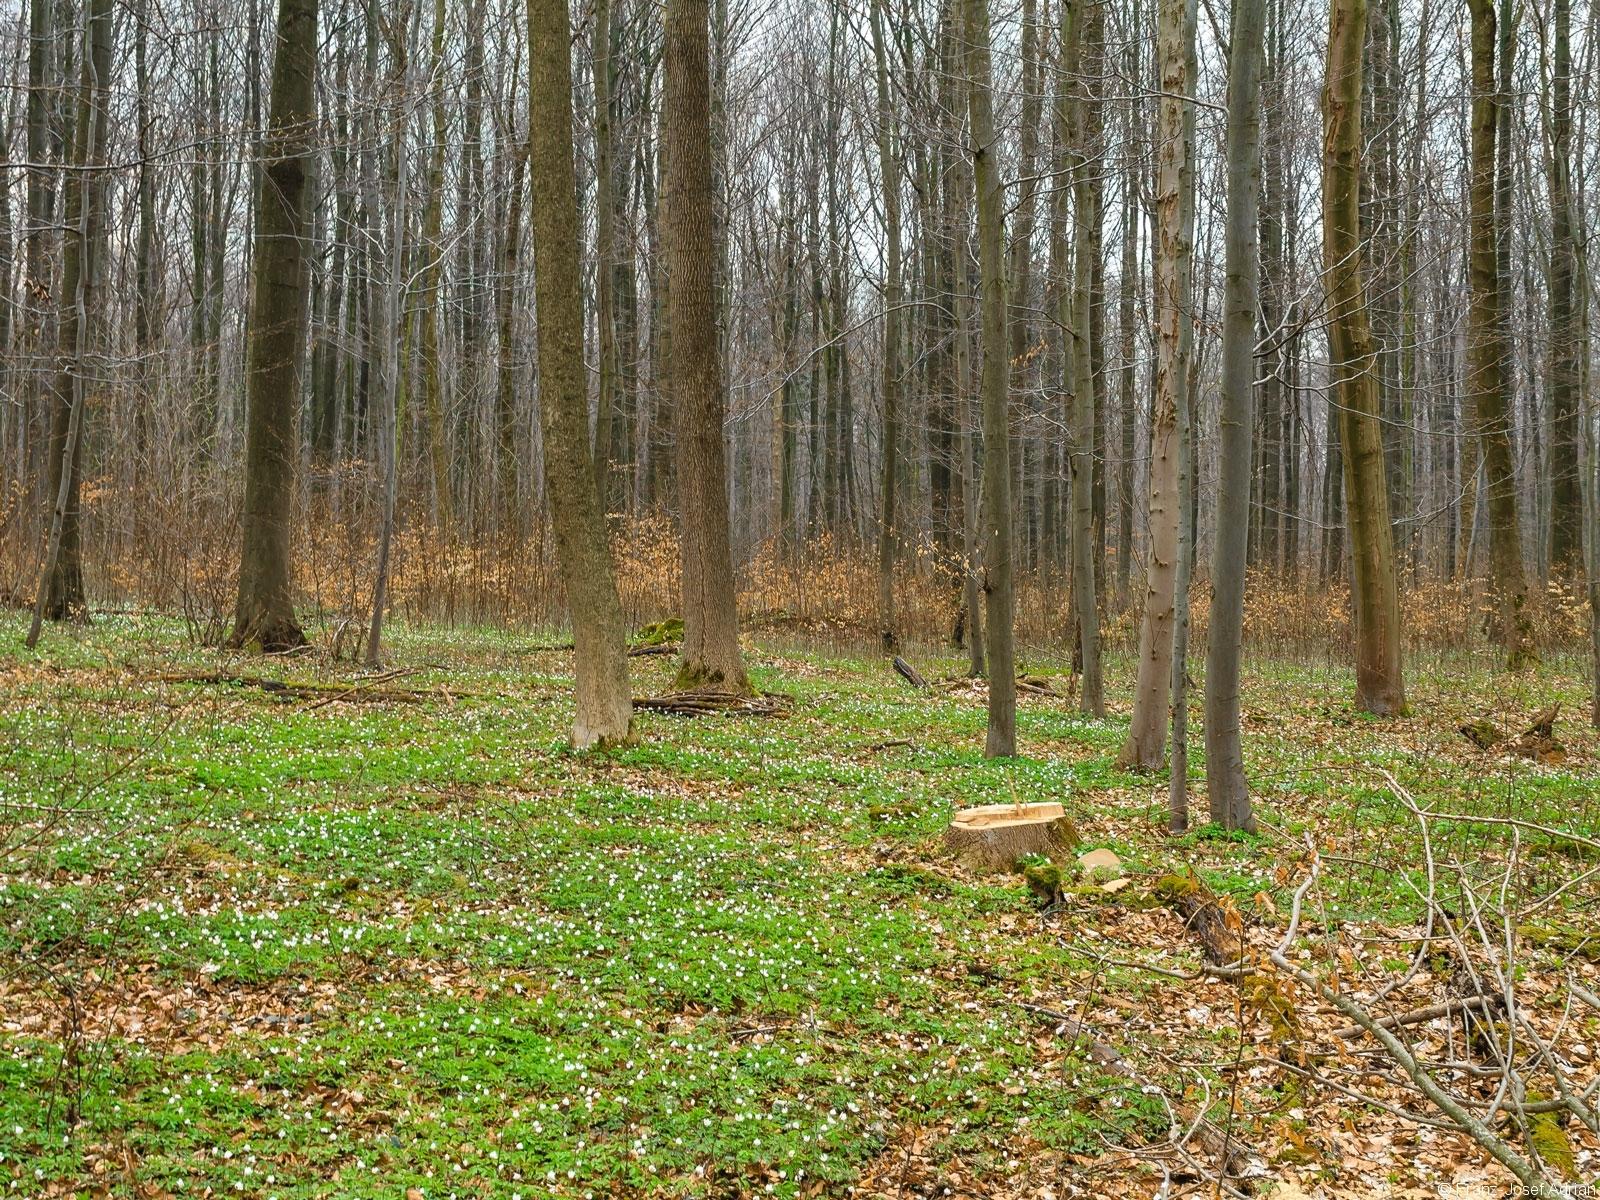 Baumstumpf inmitten von Buschwindröschen